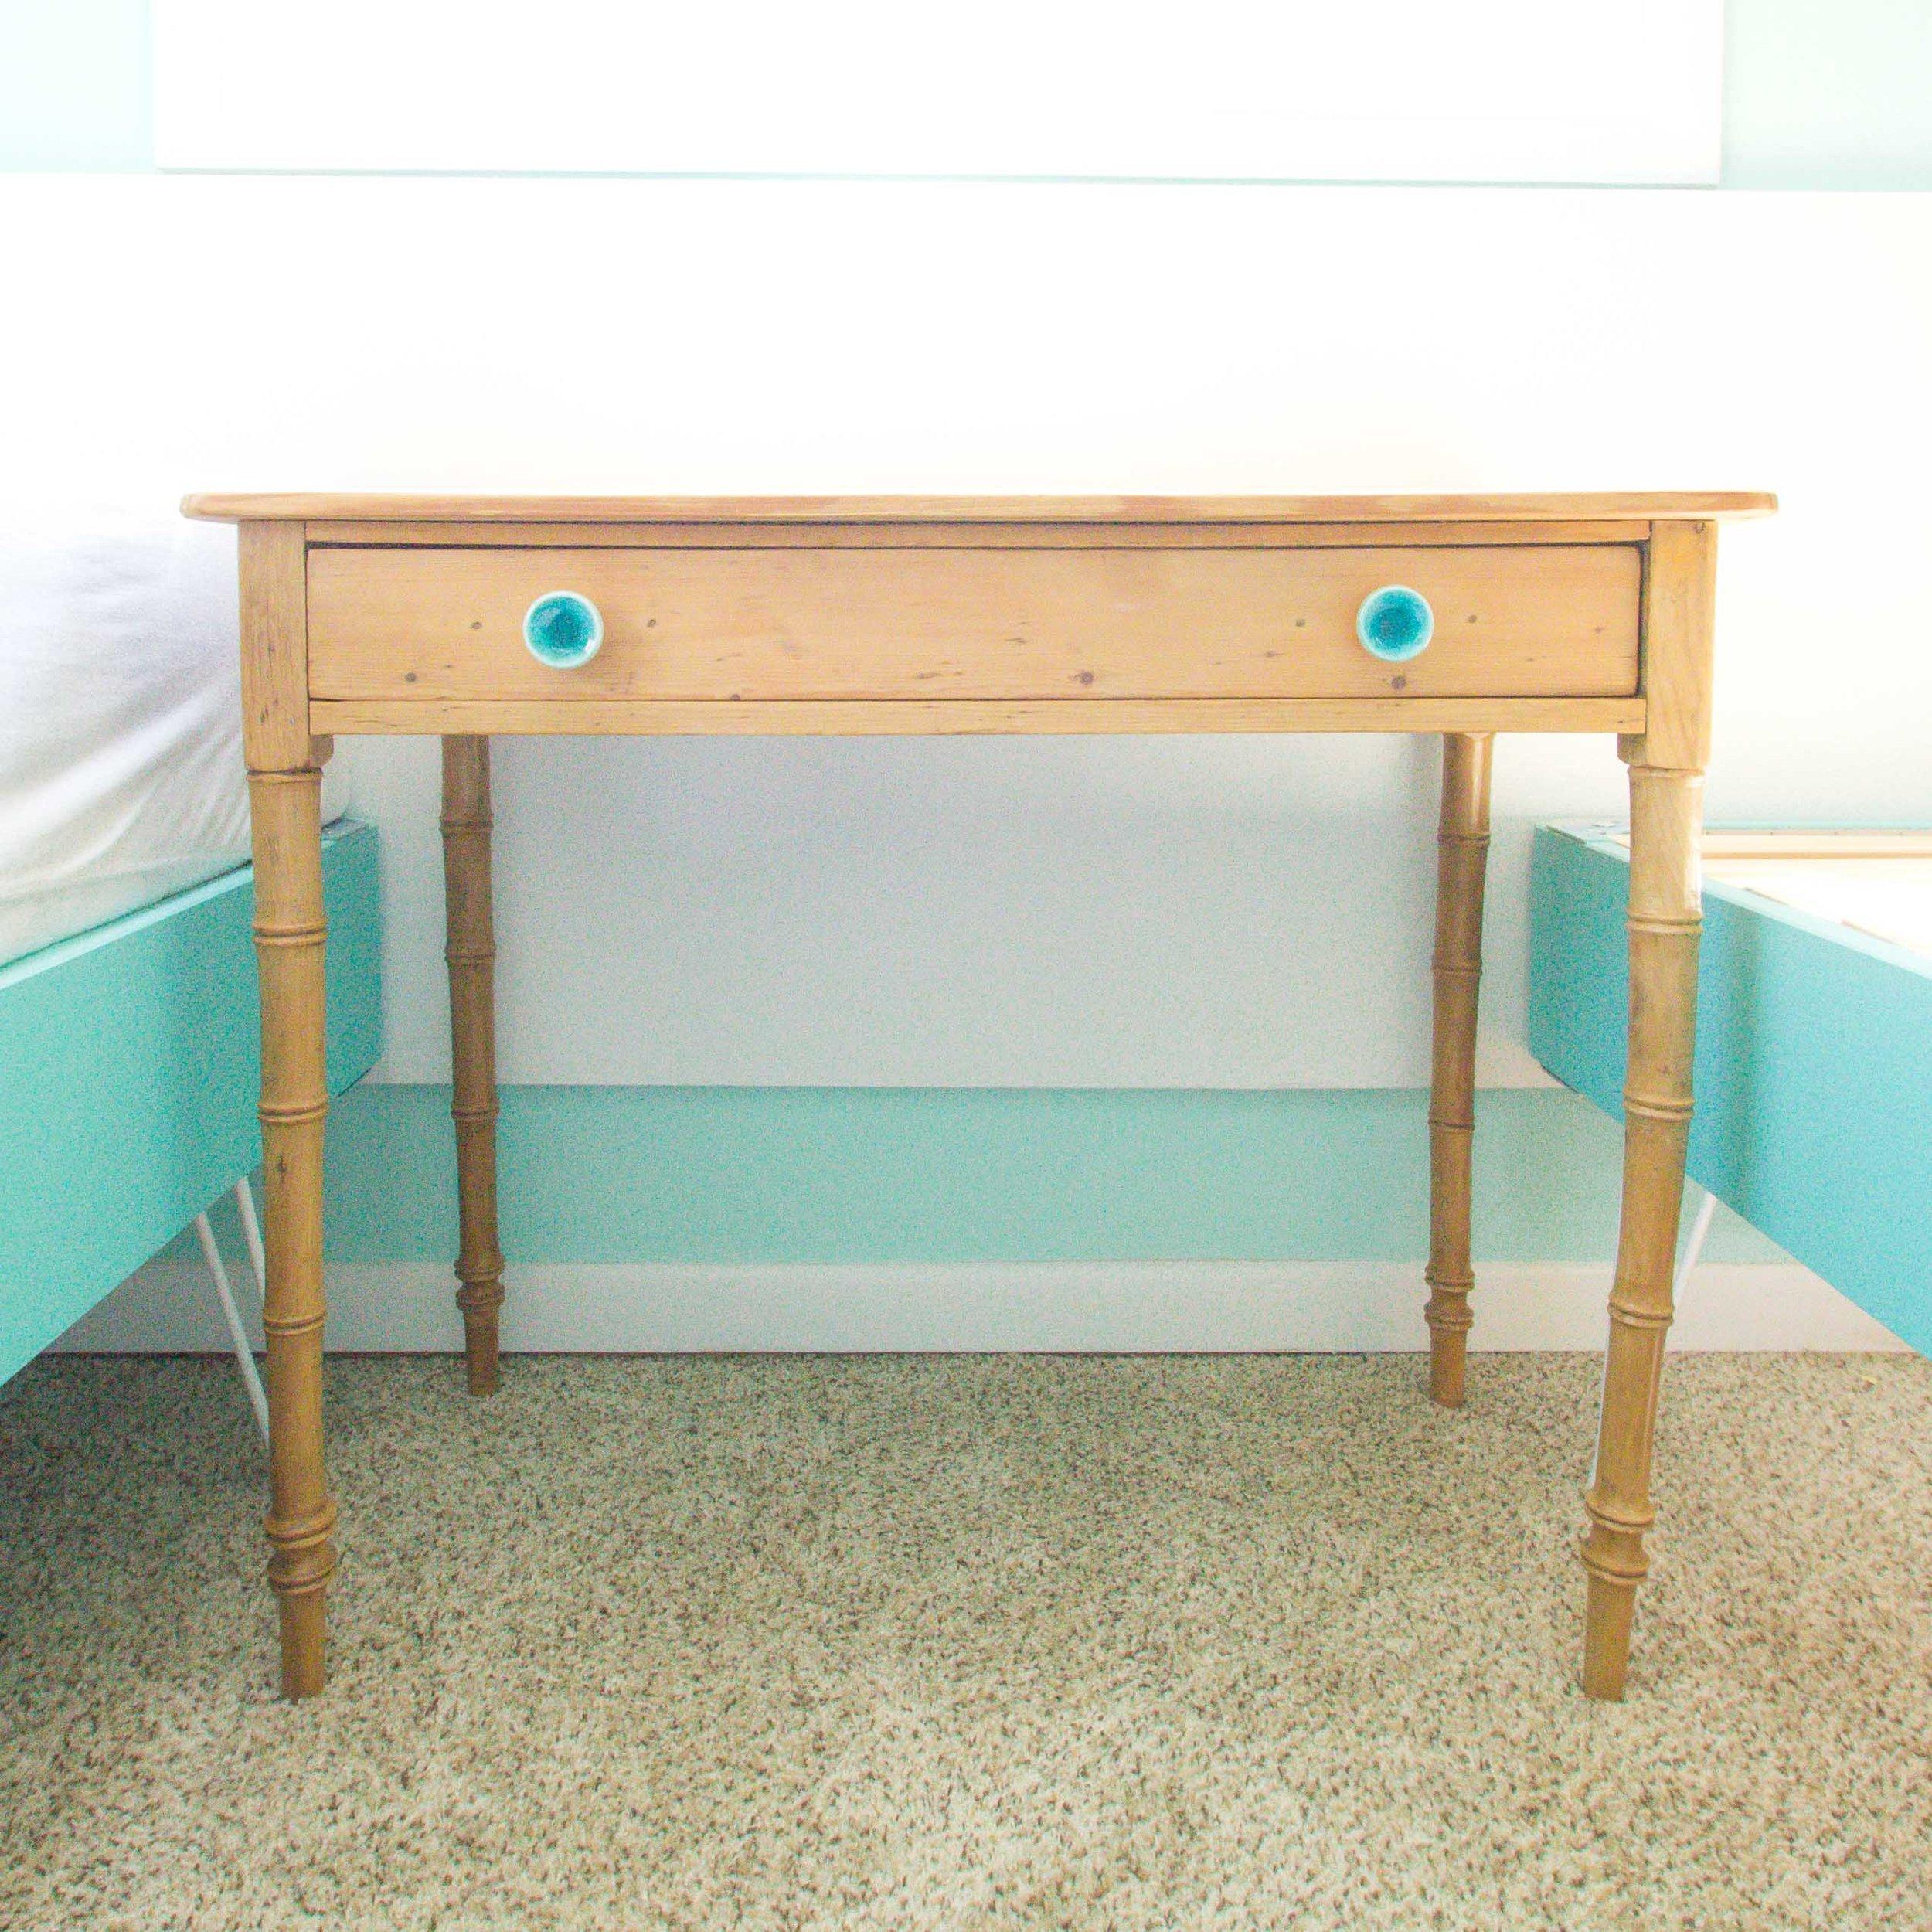 Same table. New knobs!